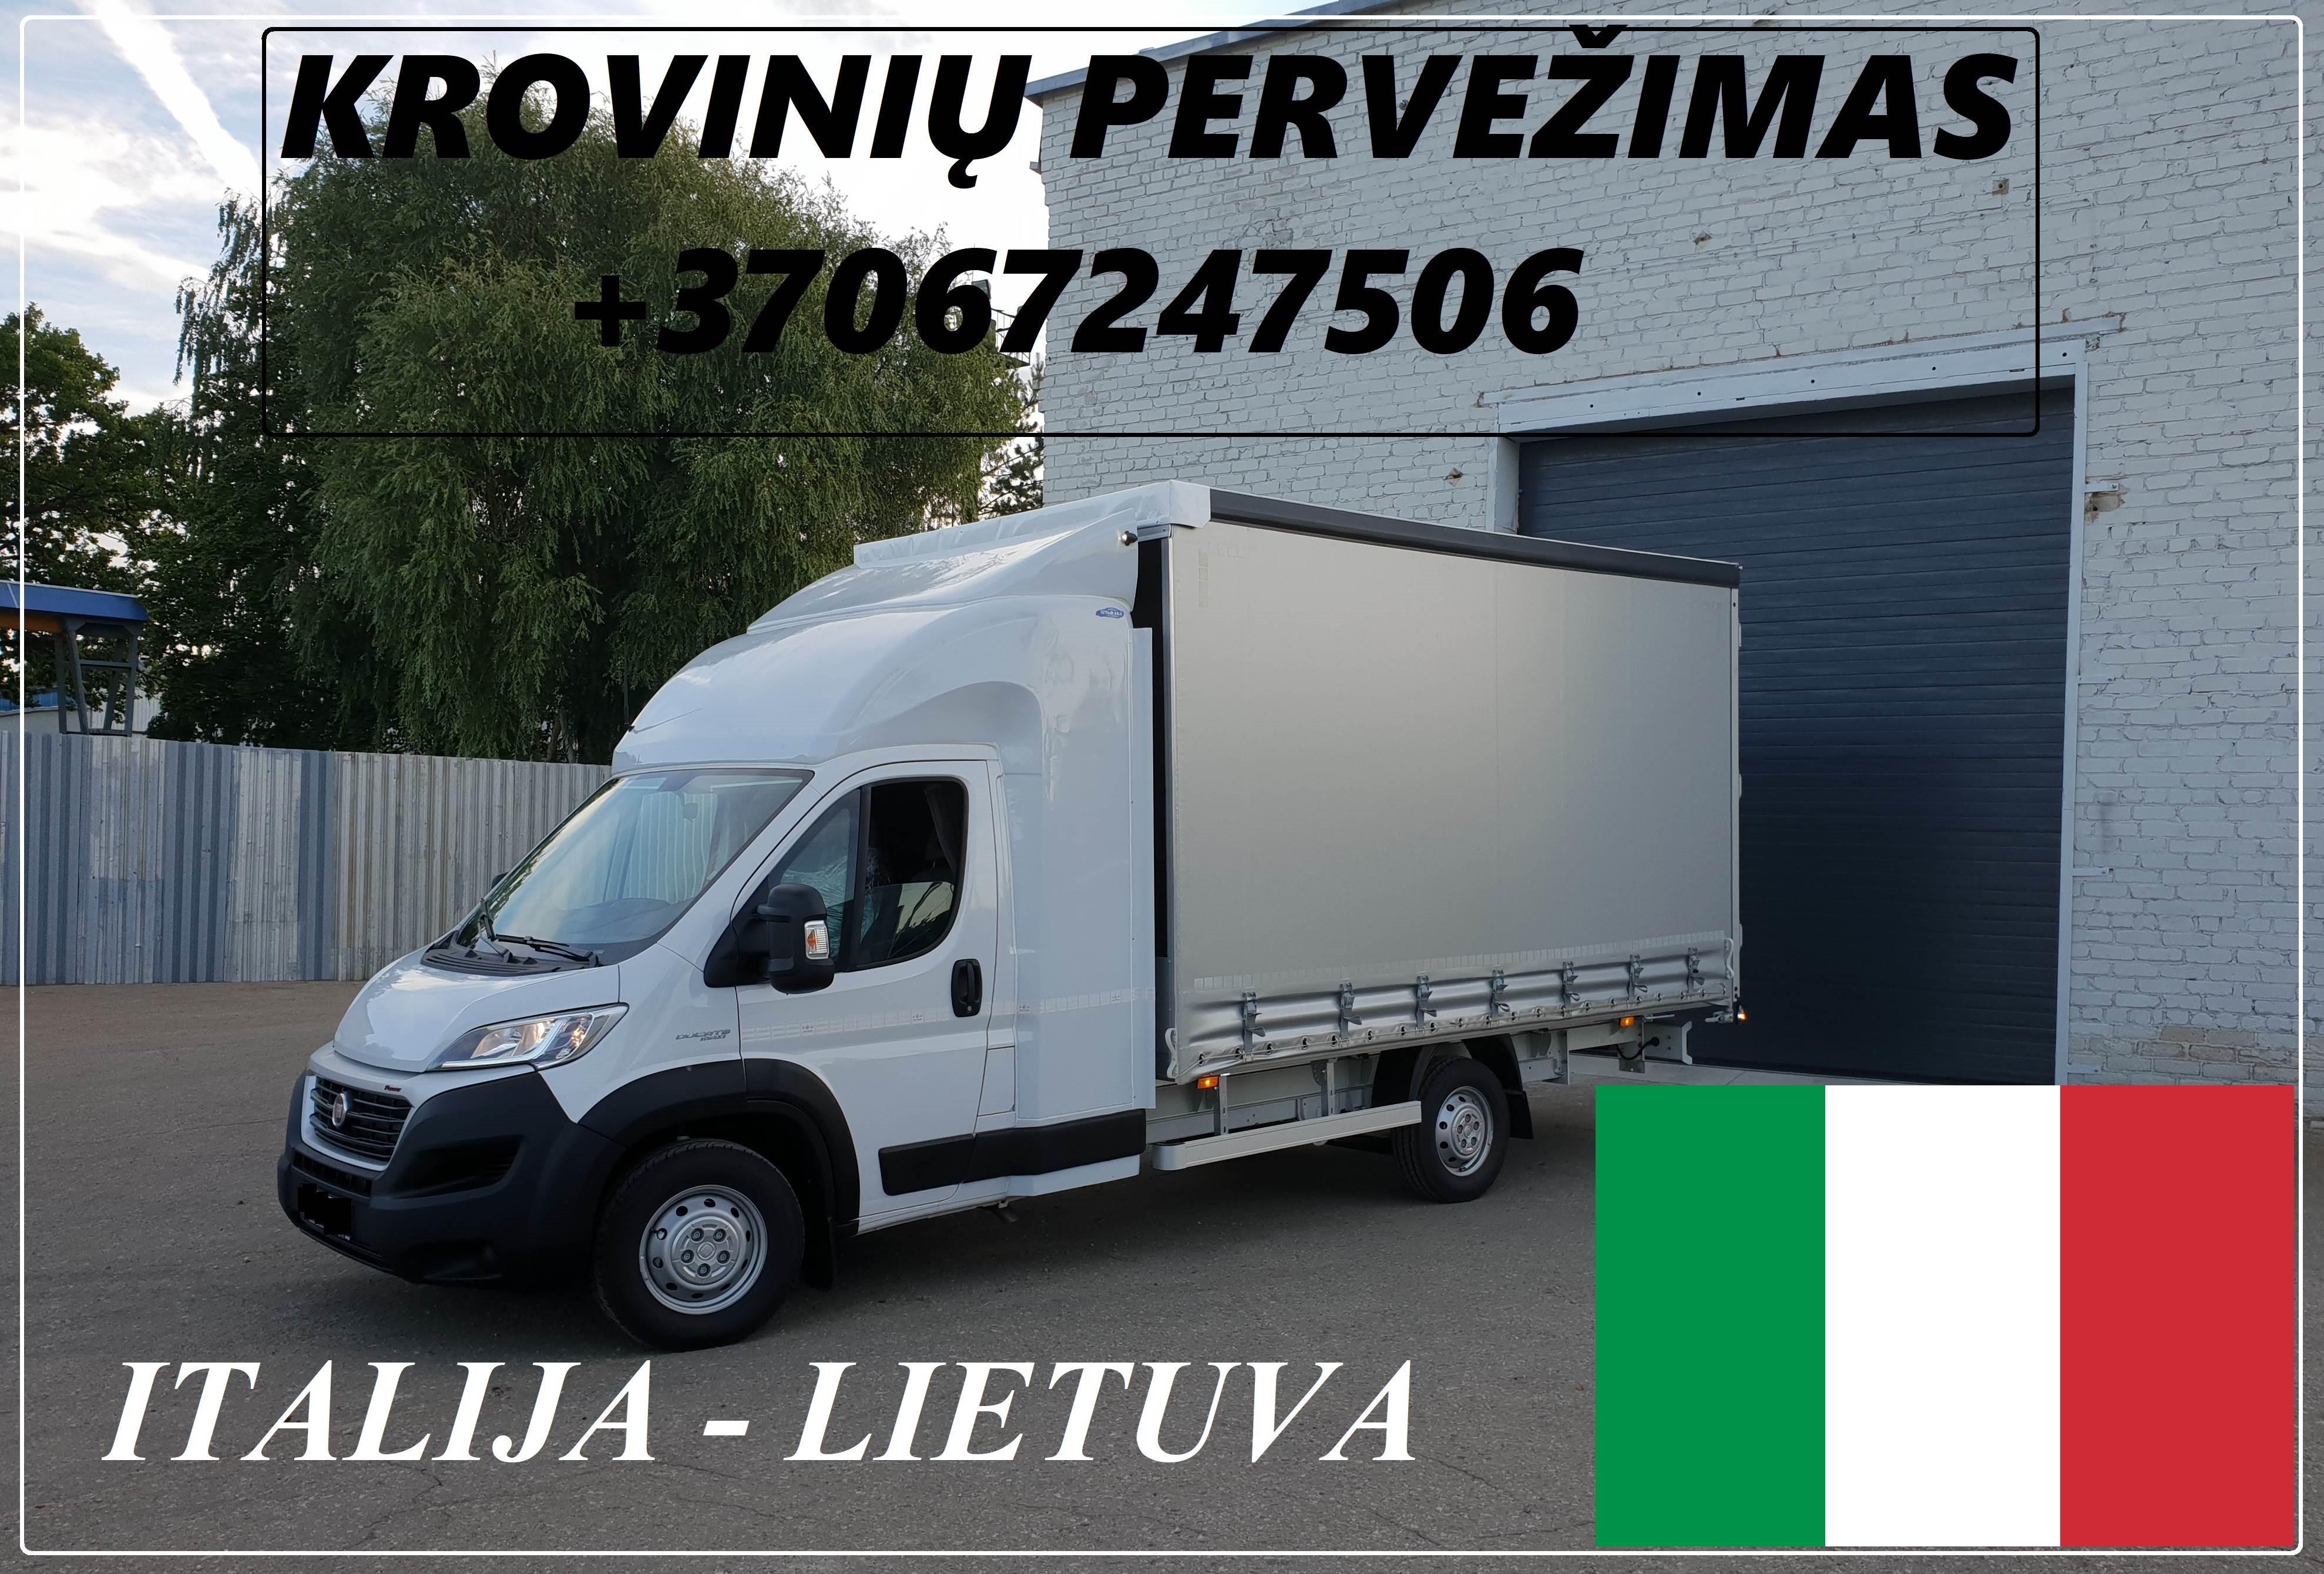 Įmonių ir gyventojų turto perkraustymas (perkraustymo paslaugos) Lietuva / Italija  / Lietuva / . Baldų pervežimas. Transporto paslaugos. Pervežimo, p